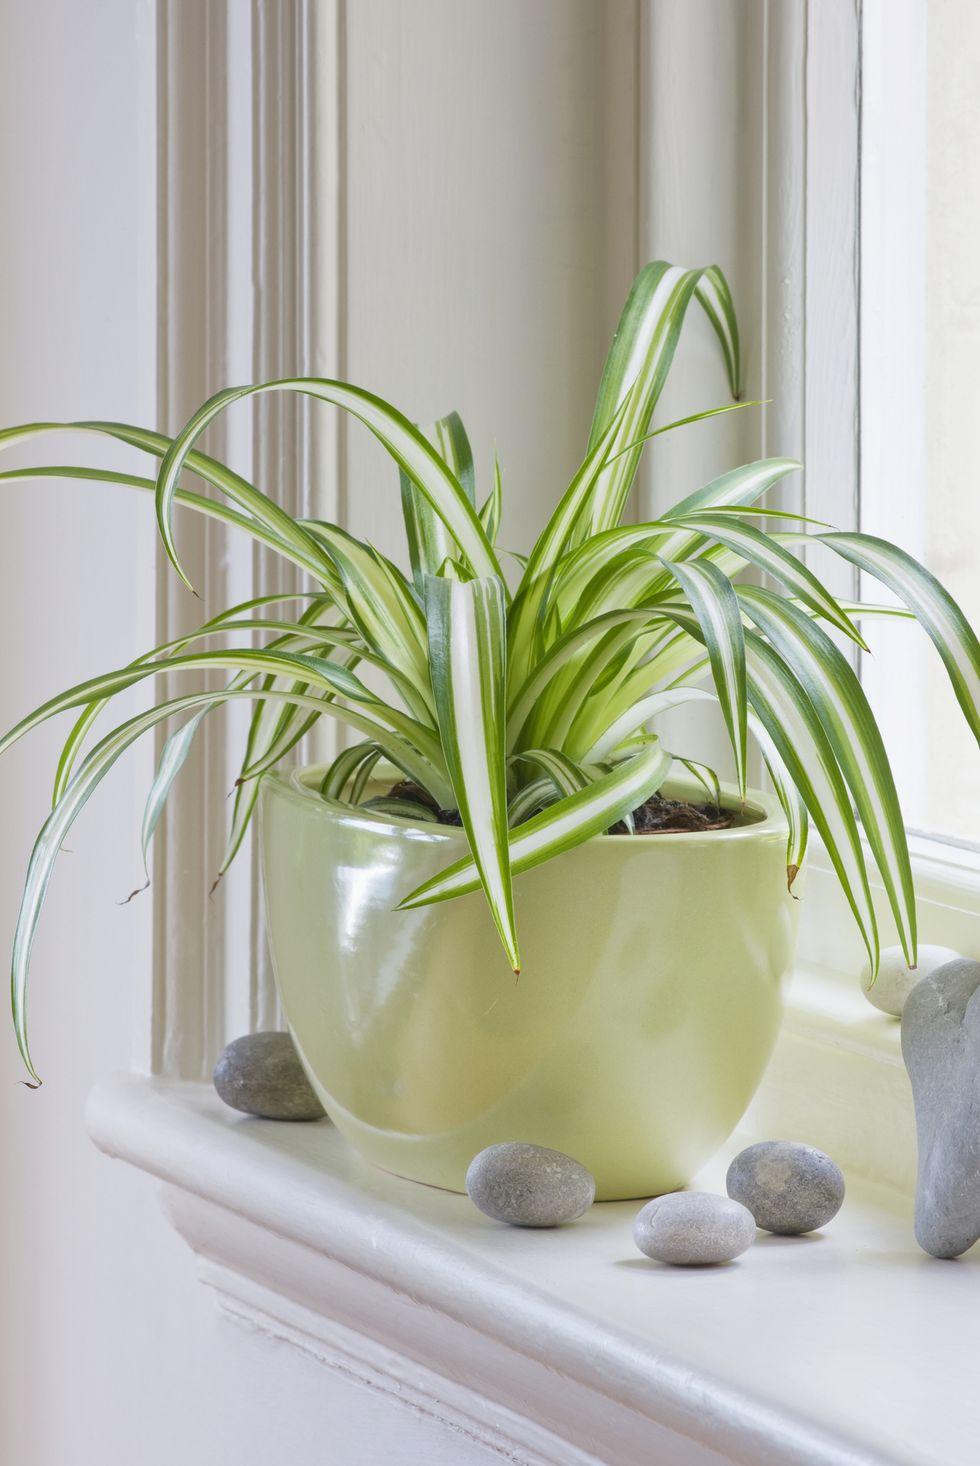 Gợi ý những loại cây tốt nhất có thể trồng trong nhà bếp để làm sáng không gian nhà bạn - Ảnh 9.